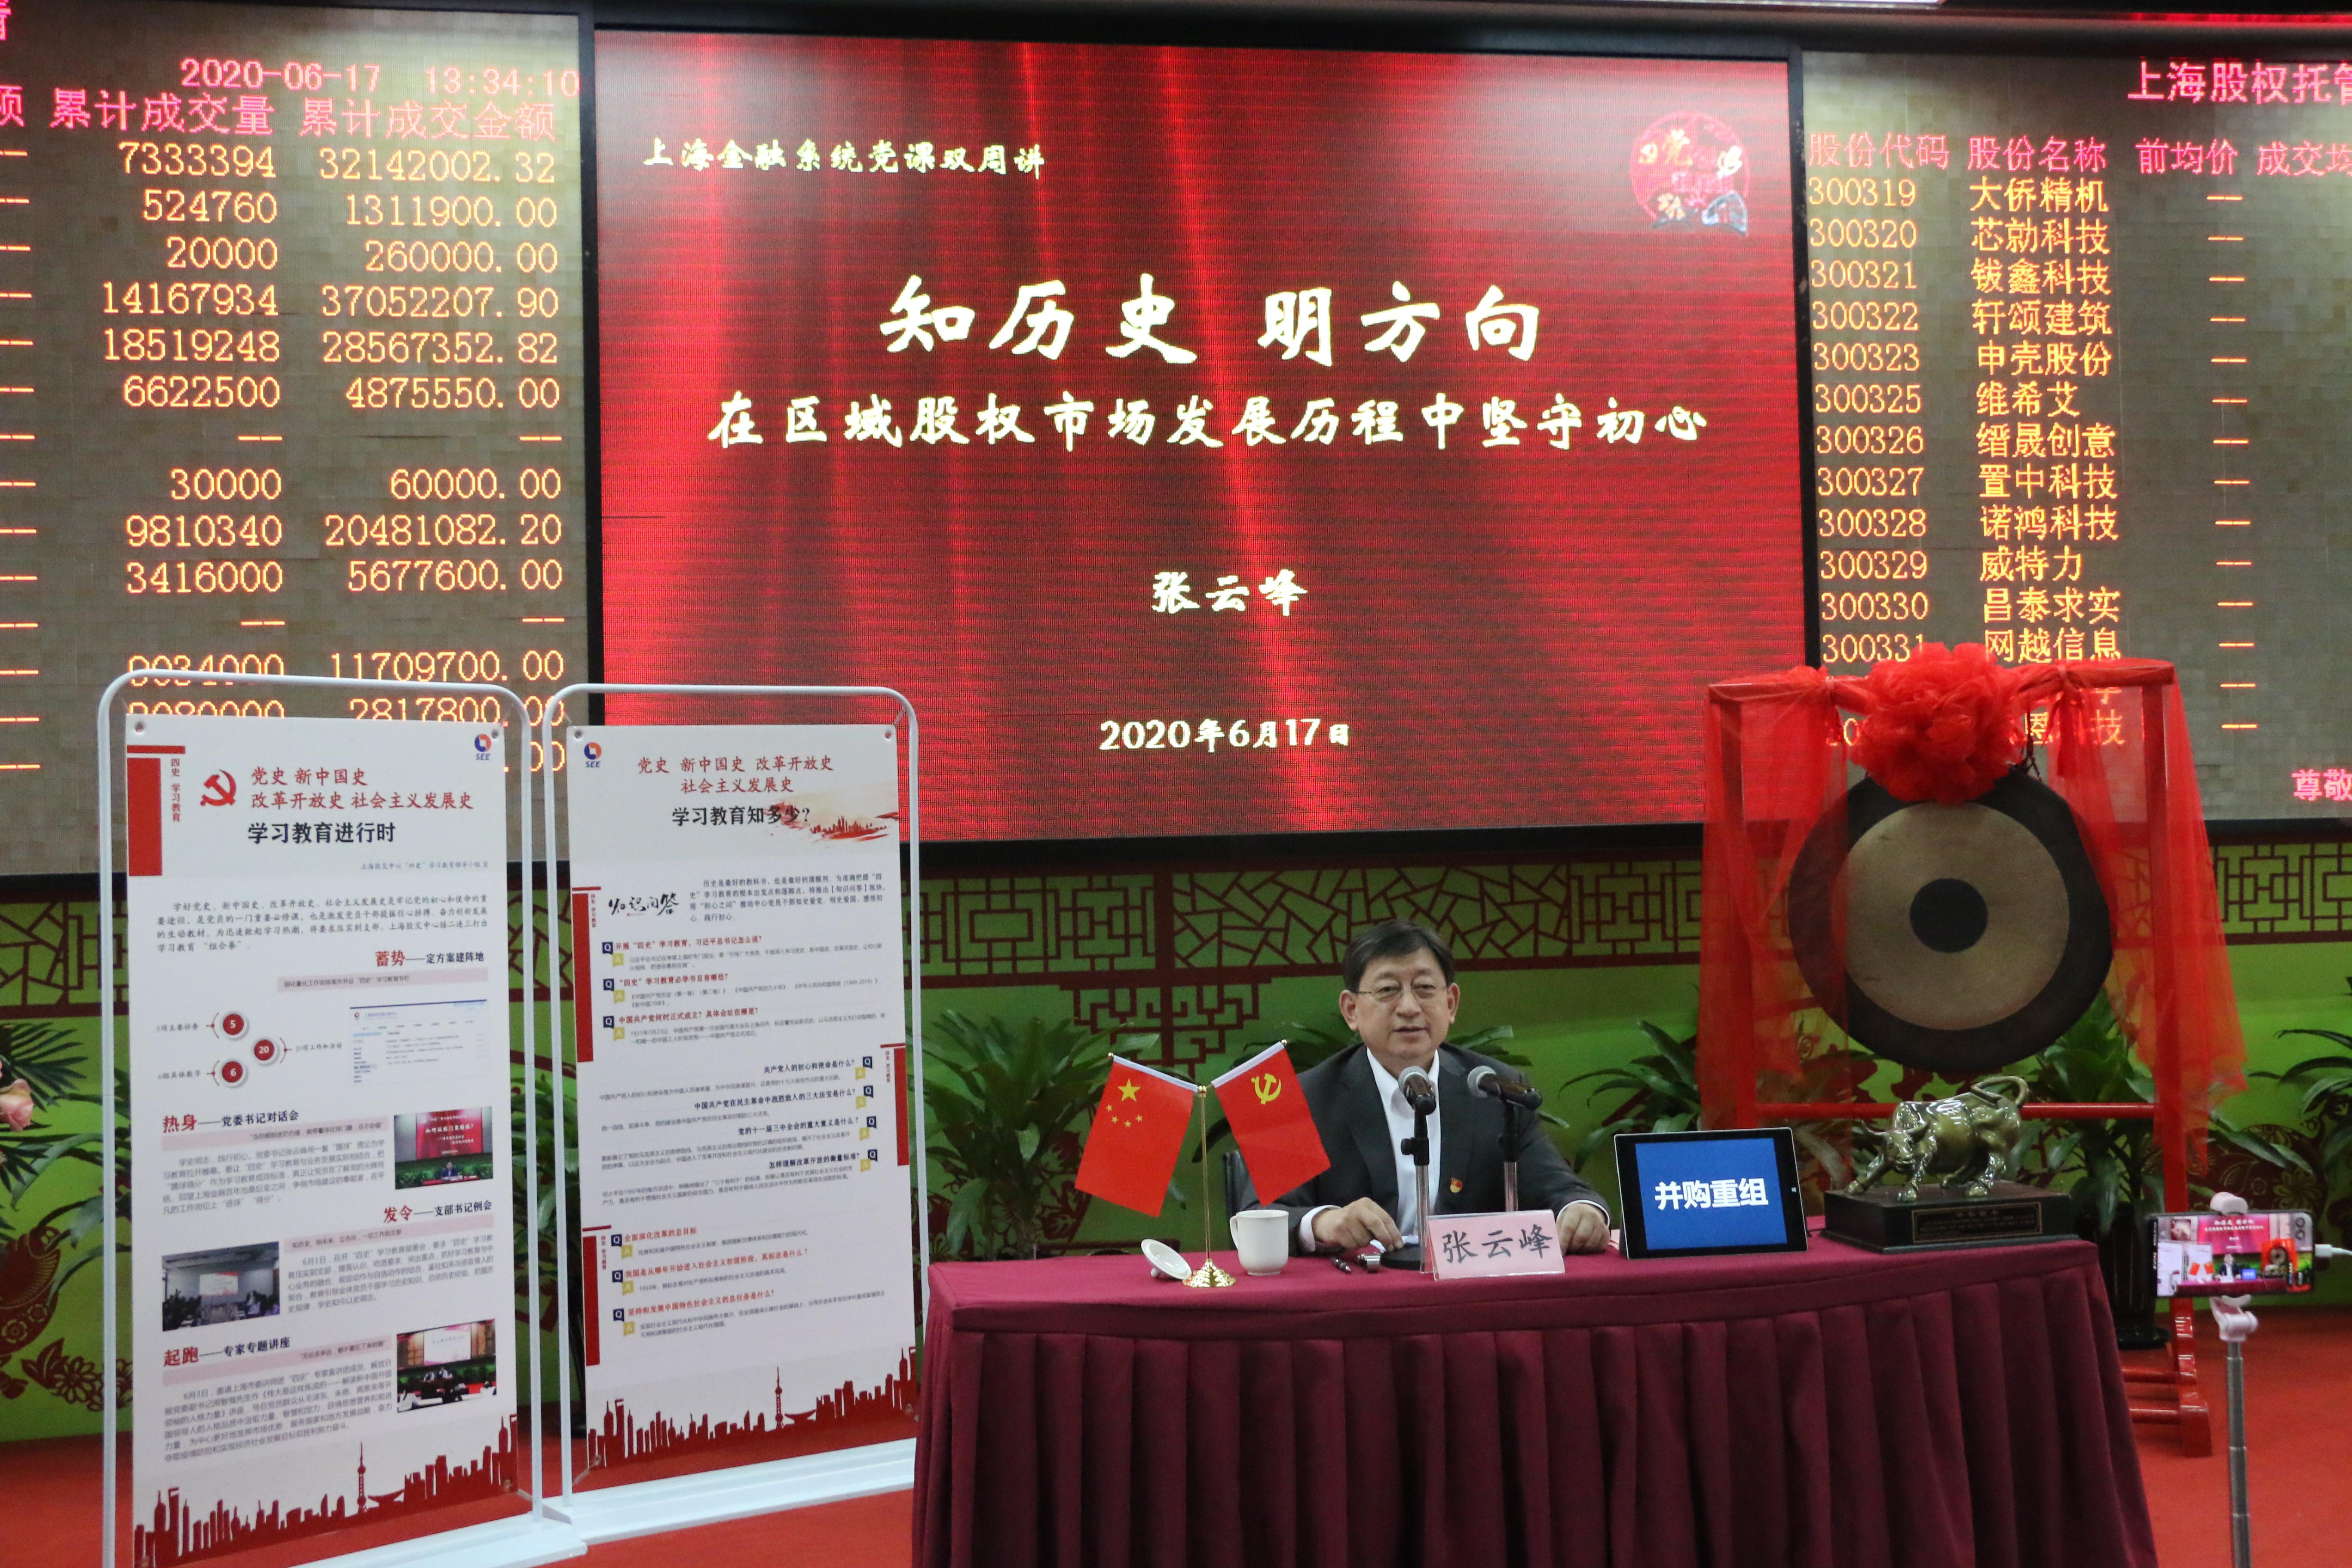 知历史、明方向,在区域性股权市场发展历程中坚守初心——上海股交中心党委书记在云端现身说史-上海朗荣投资致力于科创板挂牌融资上市